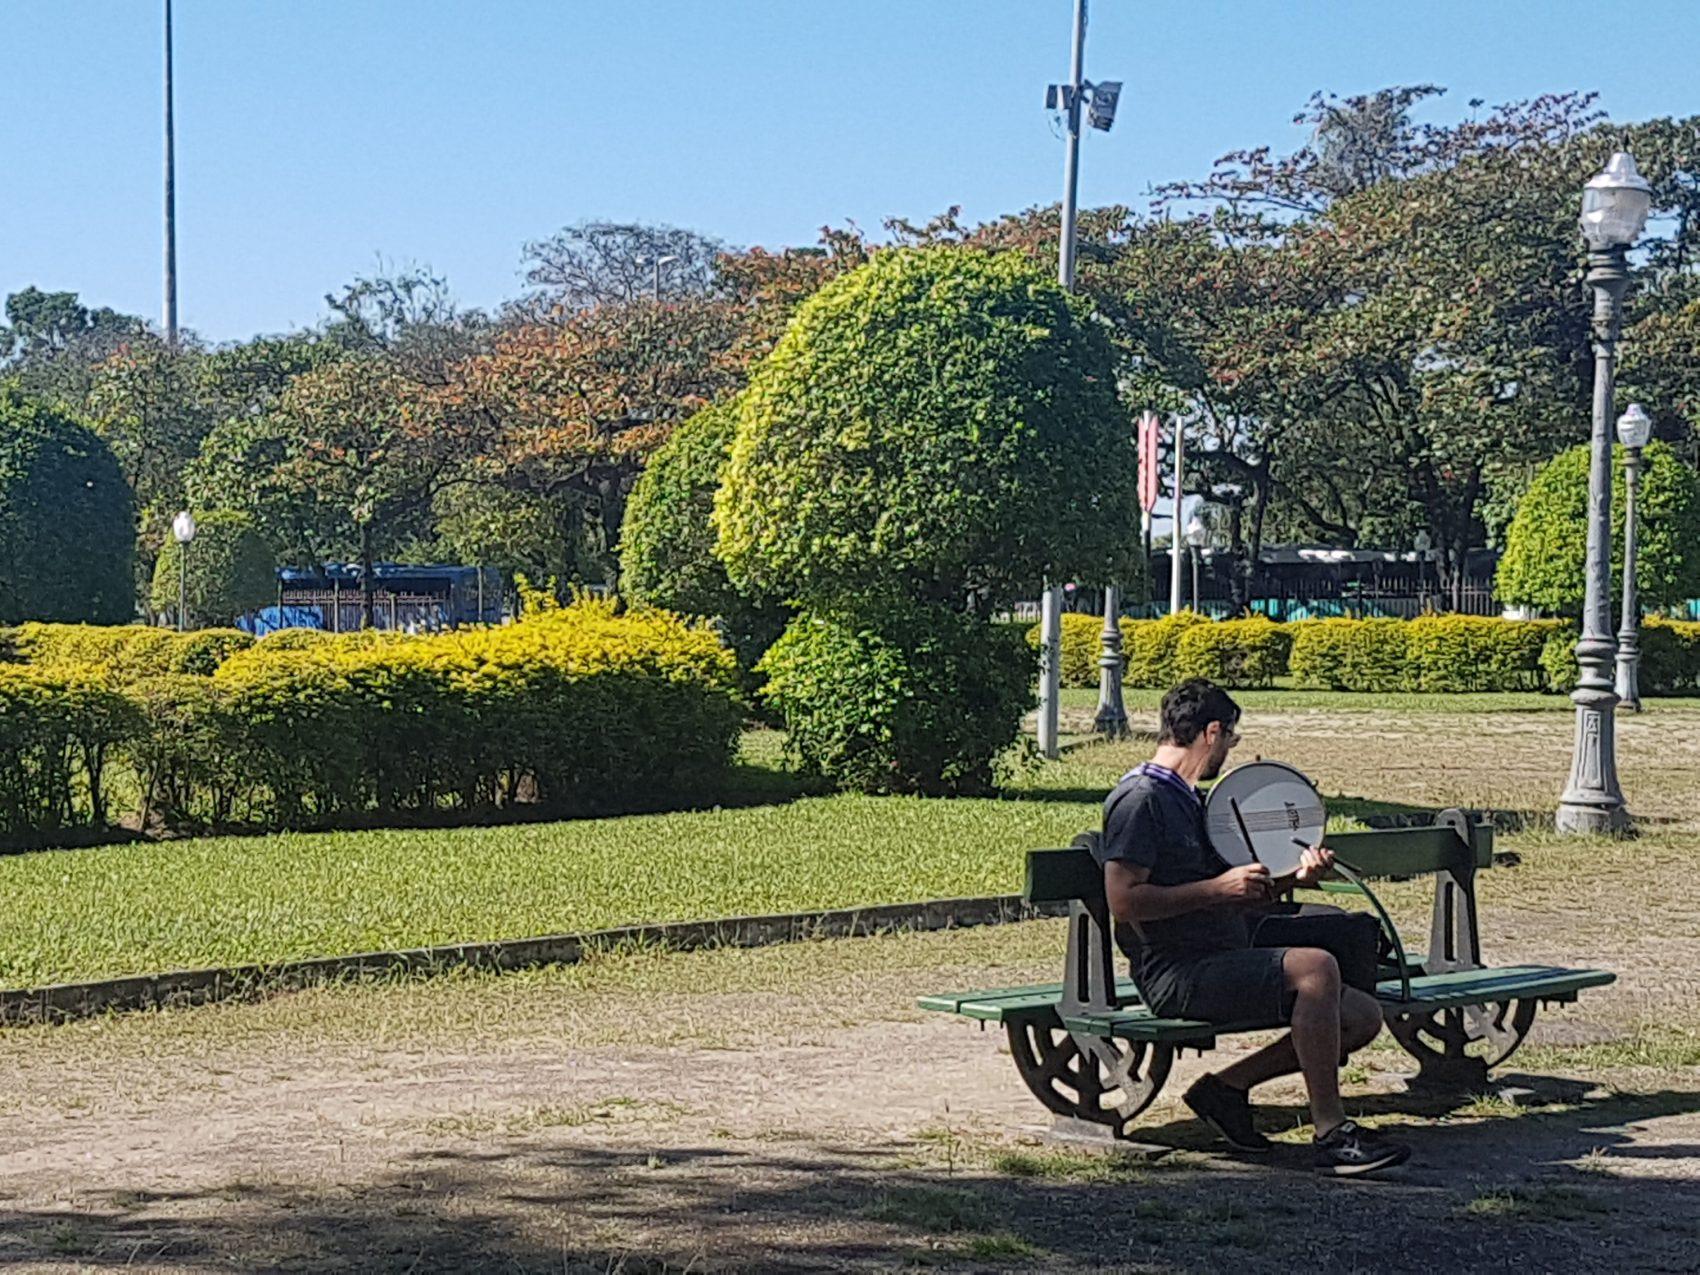 Um ensaio de percussão no silêncio da praça: cenário verde e tranquilo ao lado do burburinho do Centro do Rio (Foto: Oscar Valporto)